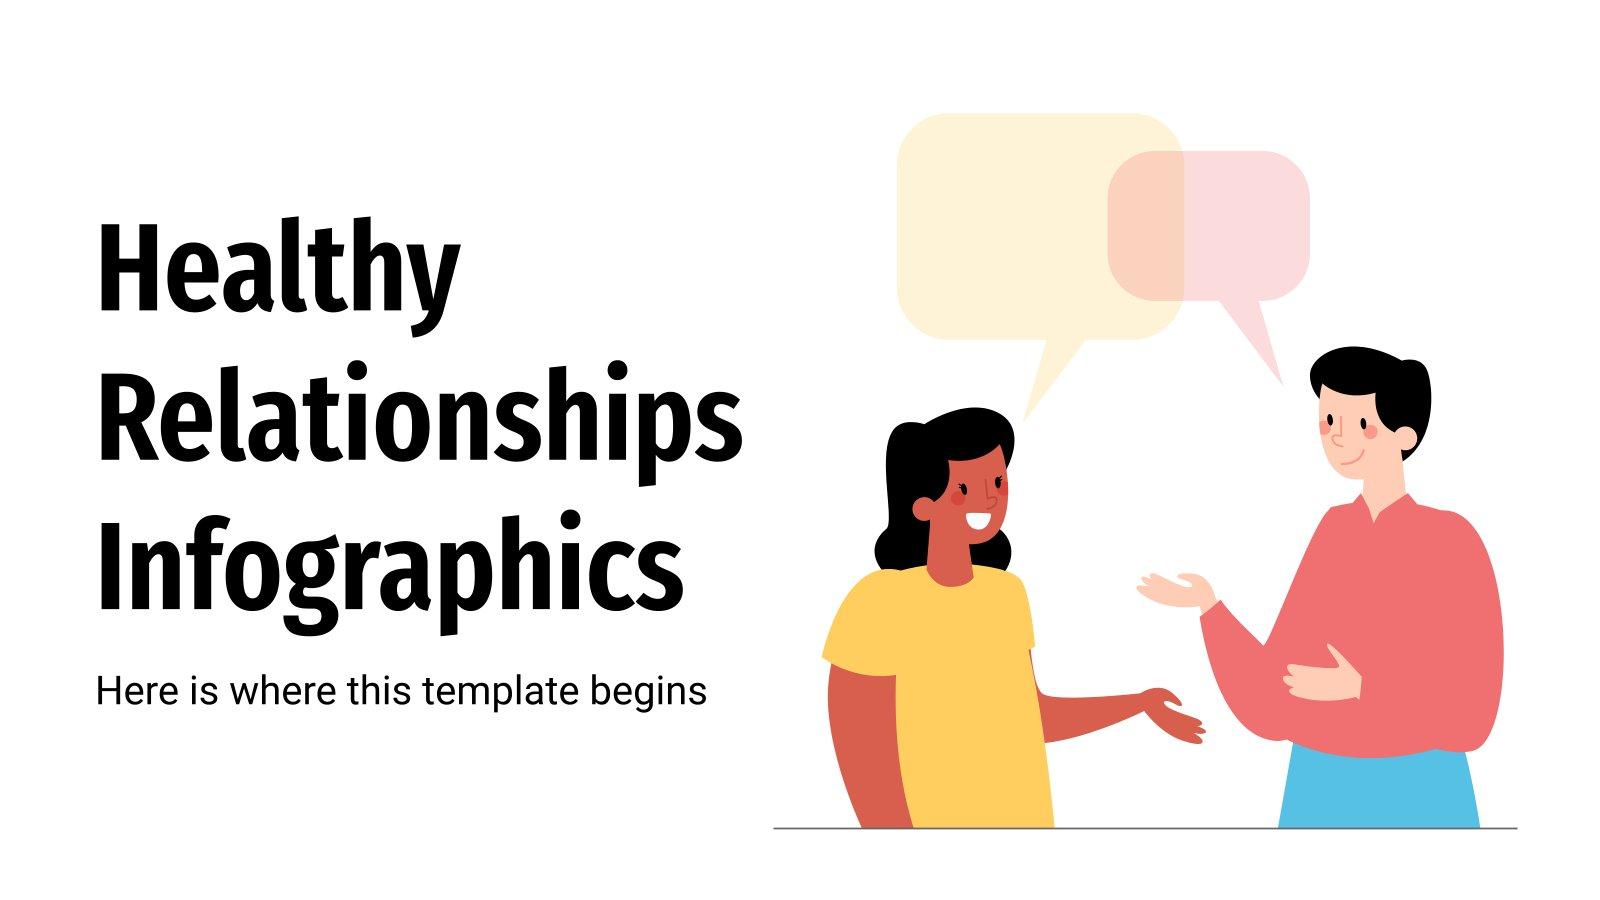 Infographies sur les relations saines : Modèles de présentation